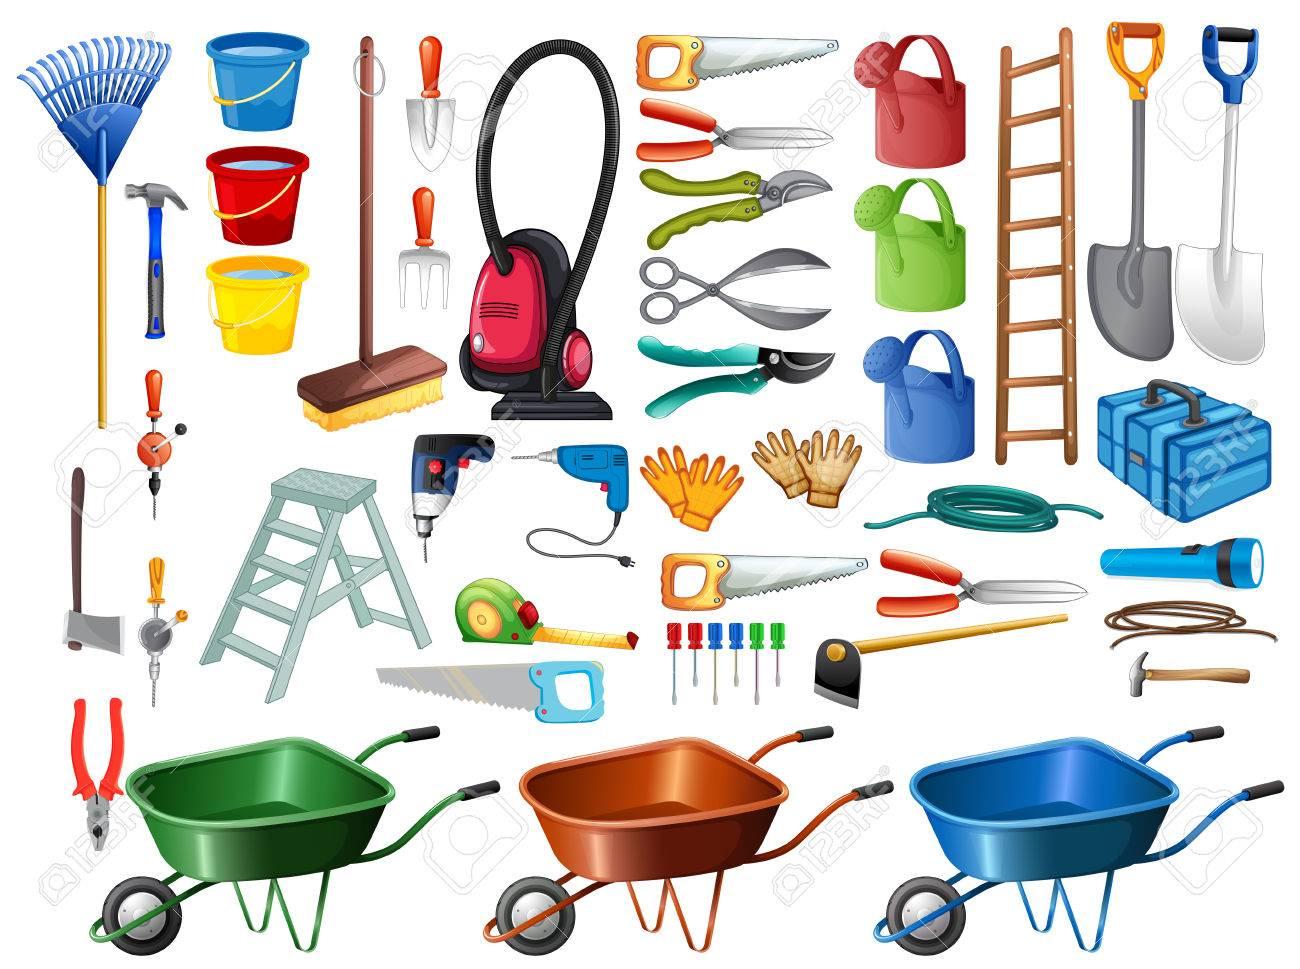 herramientas para el hogar